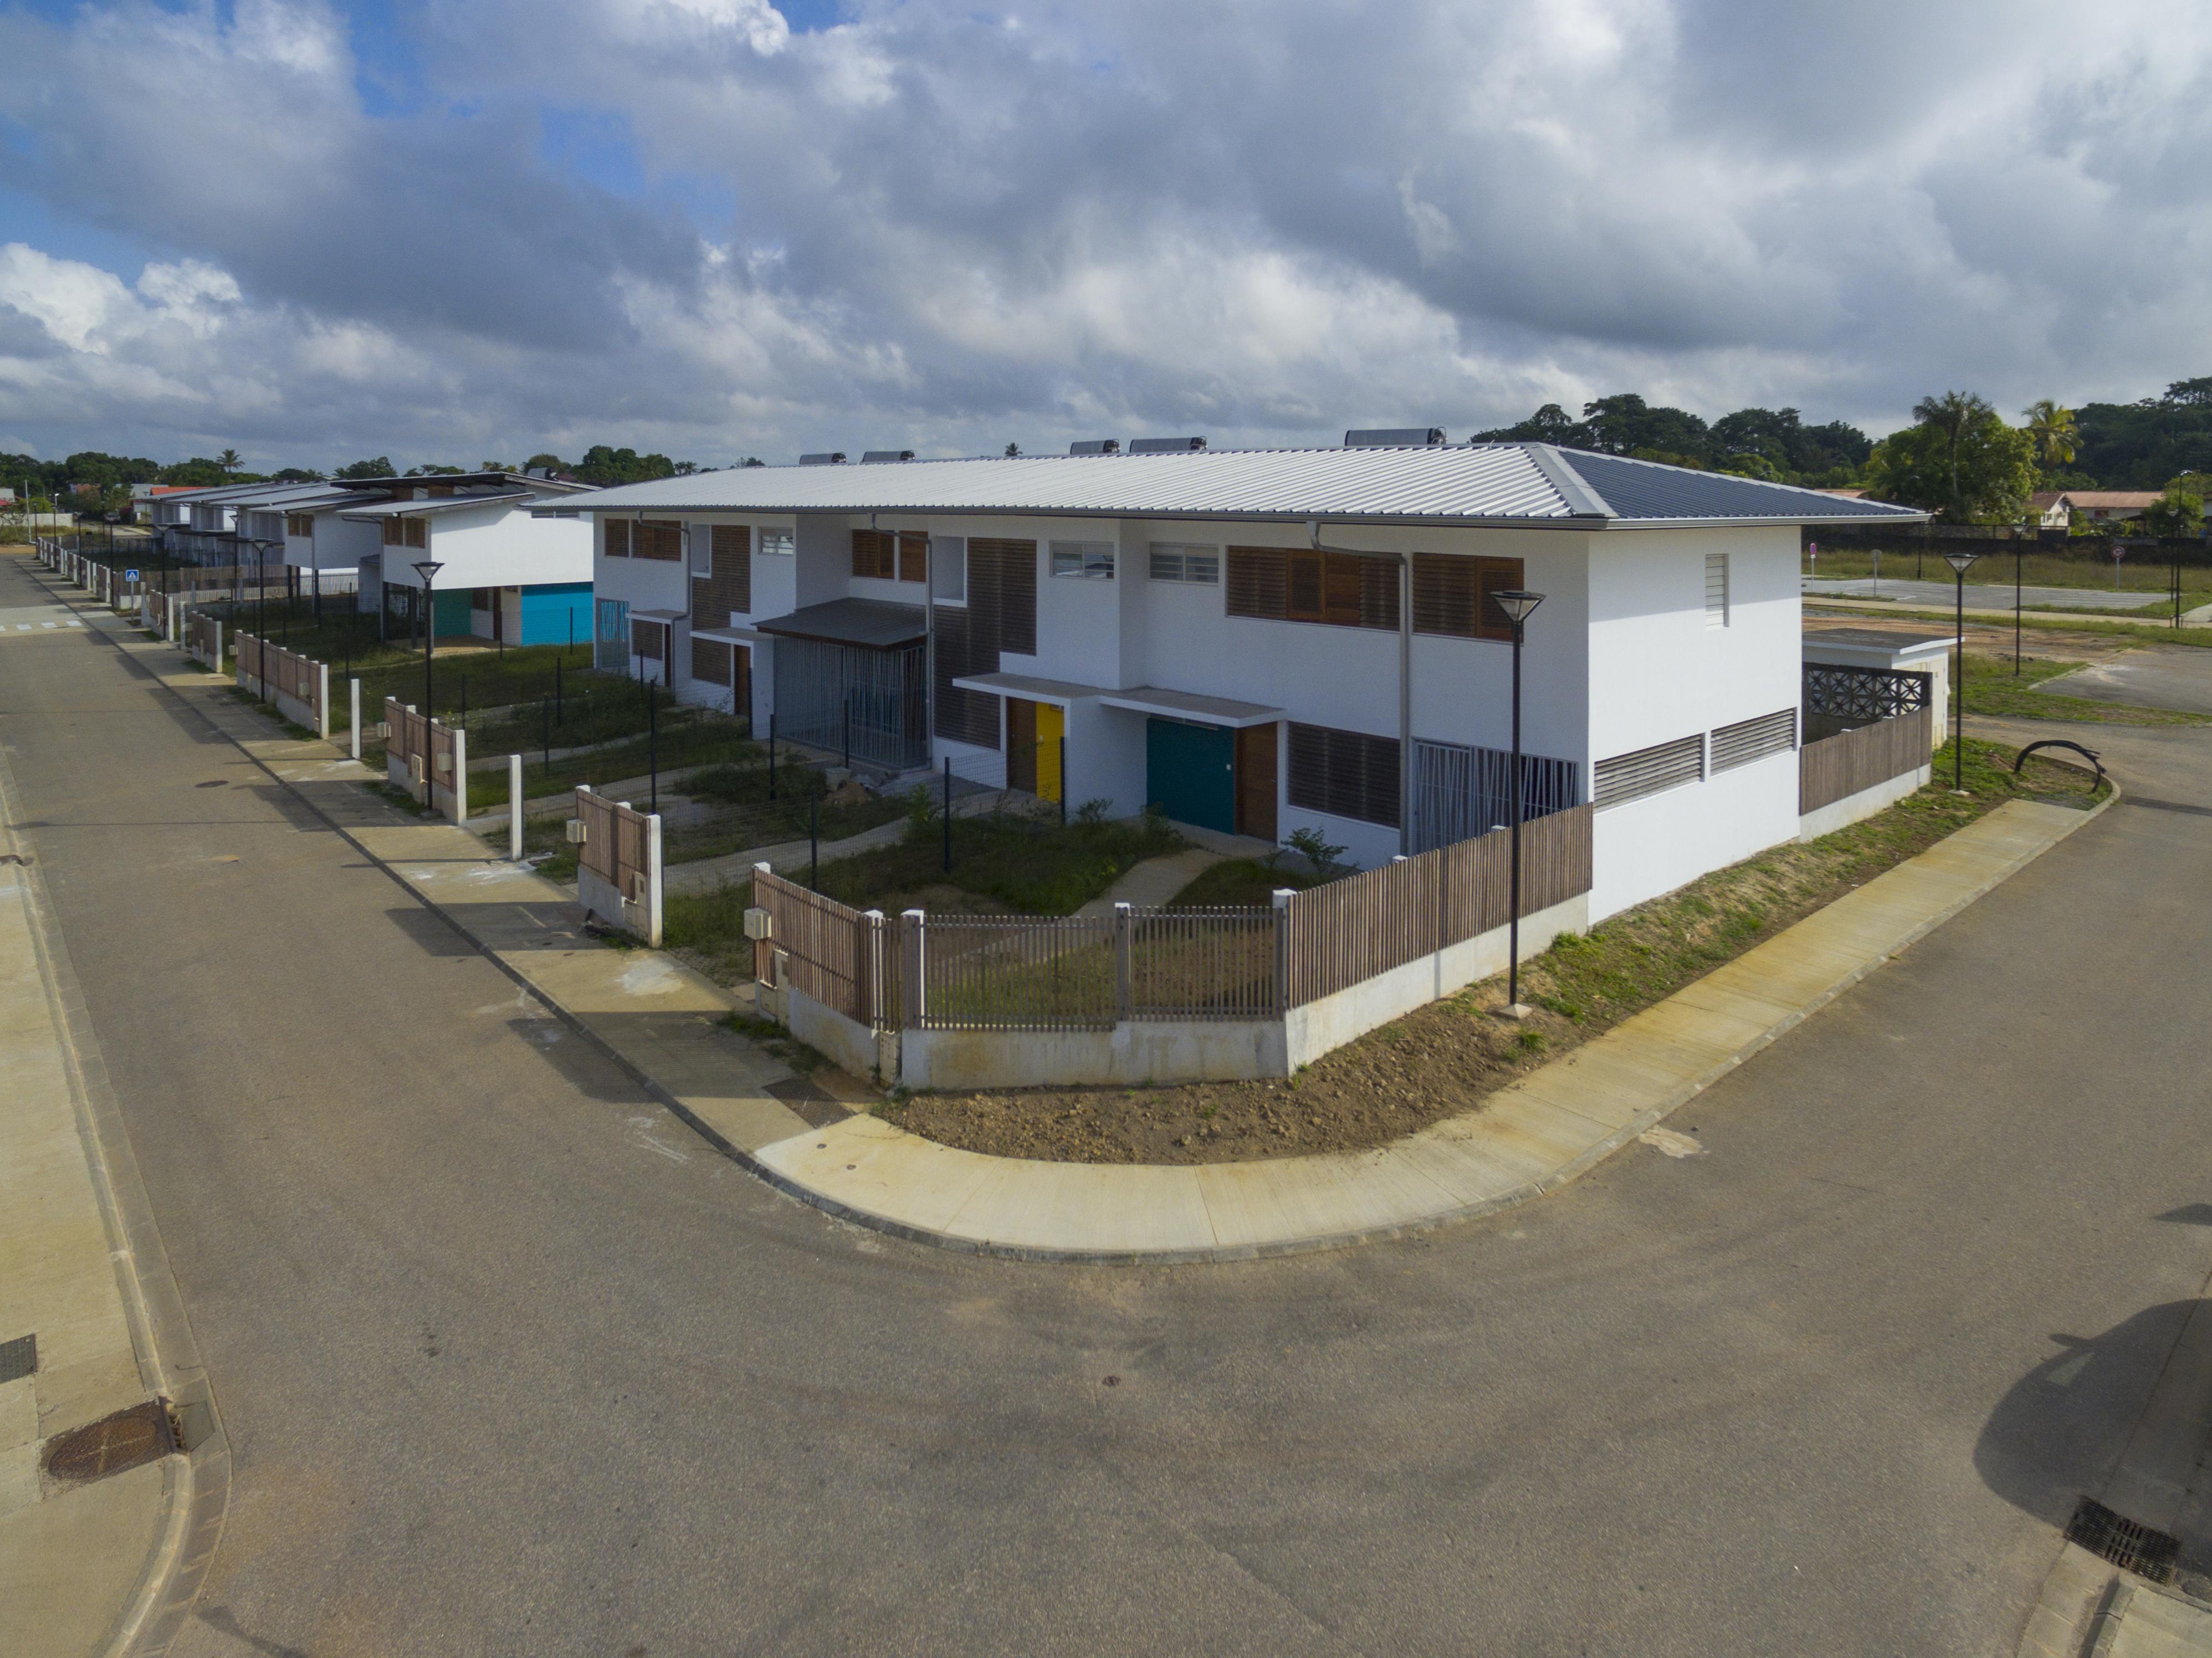 Logements de Copaya - Matoury - 5 Octobre 2017